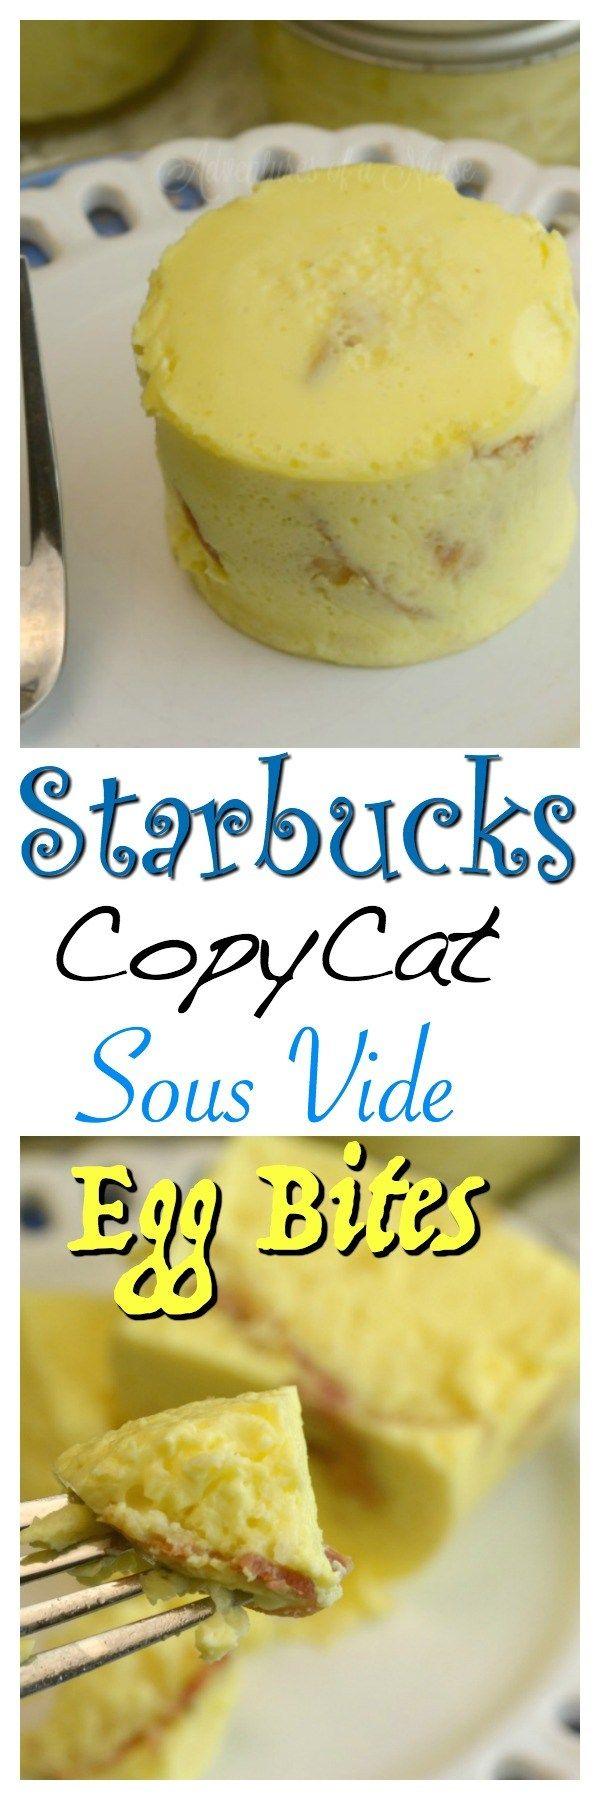 Starbucks Copycat Sous Vide Egg Bites